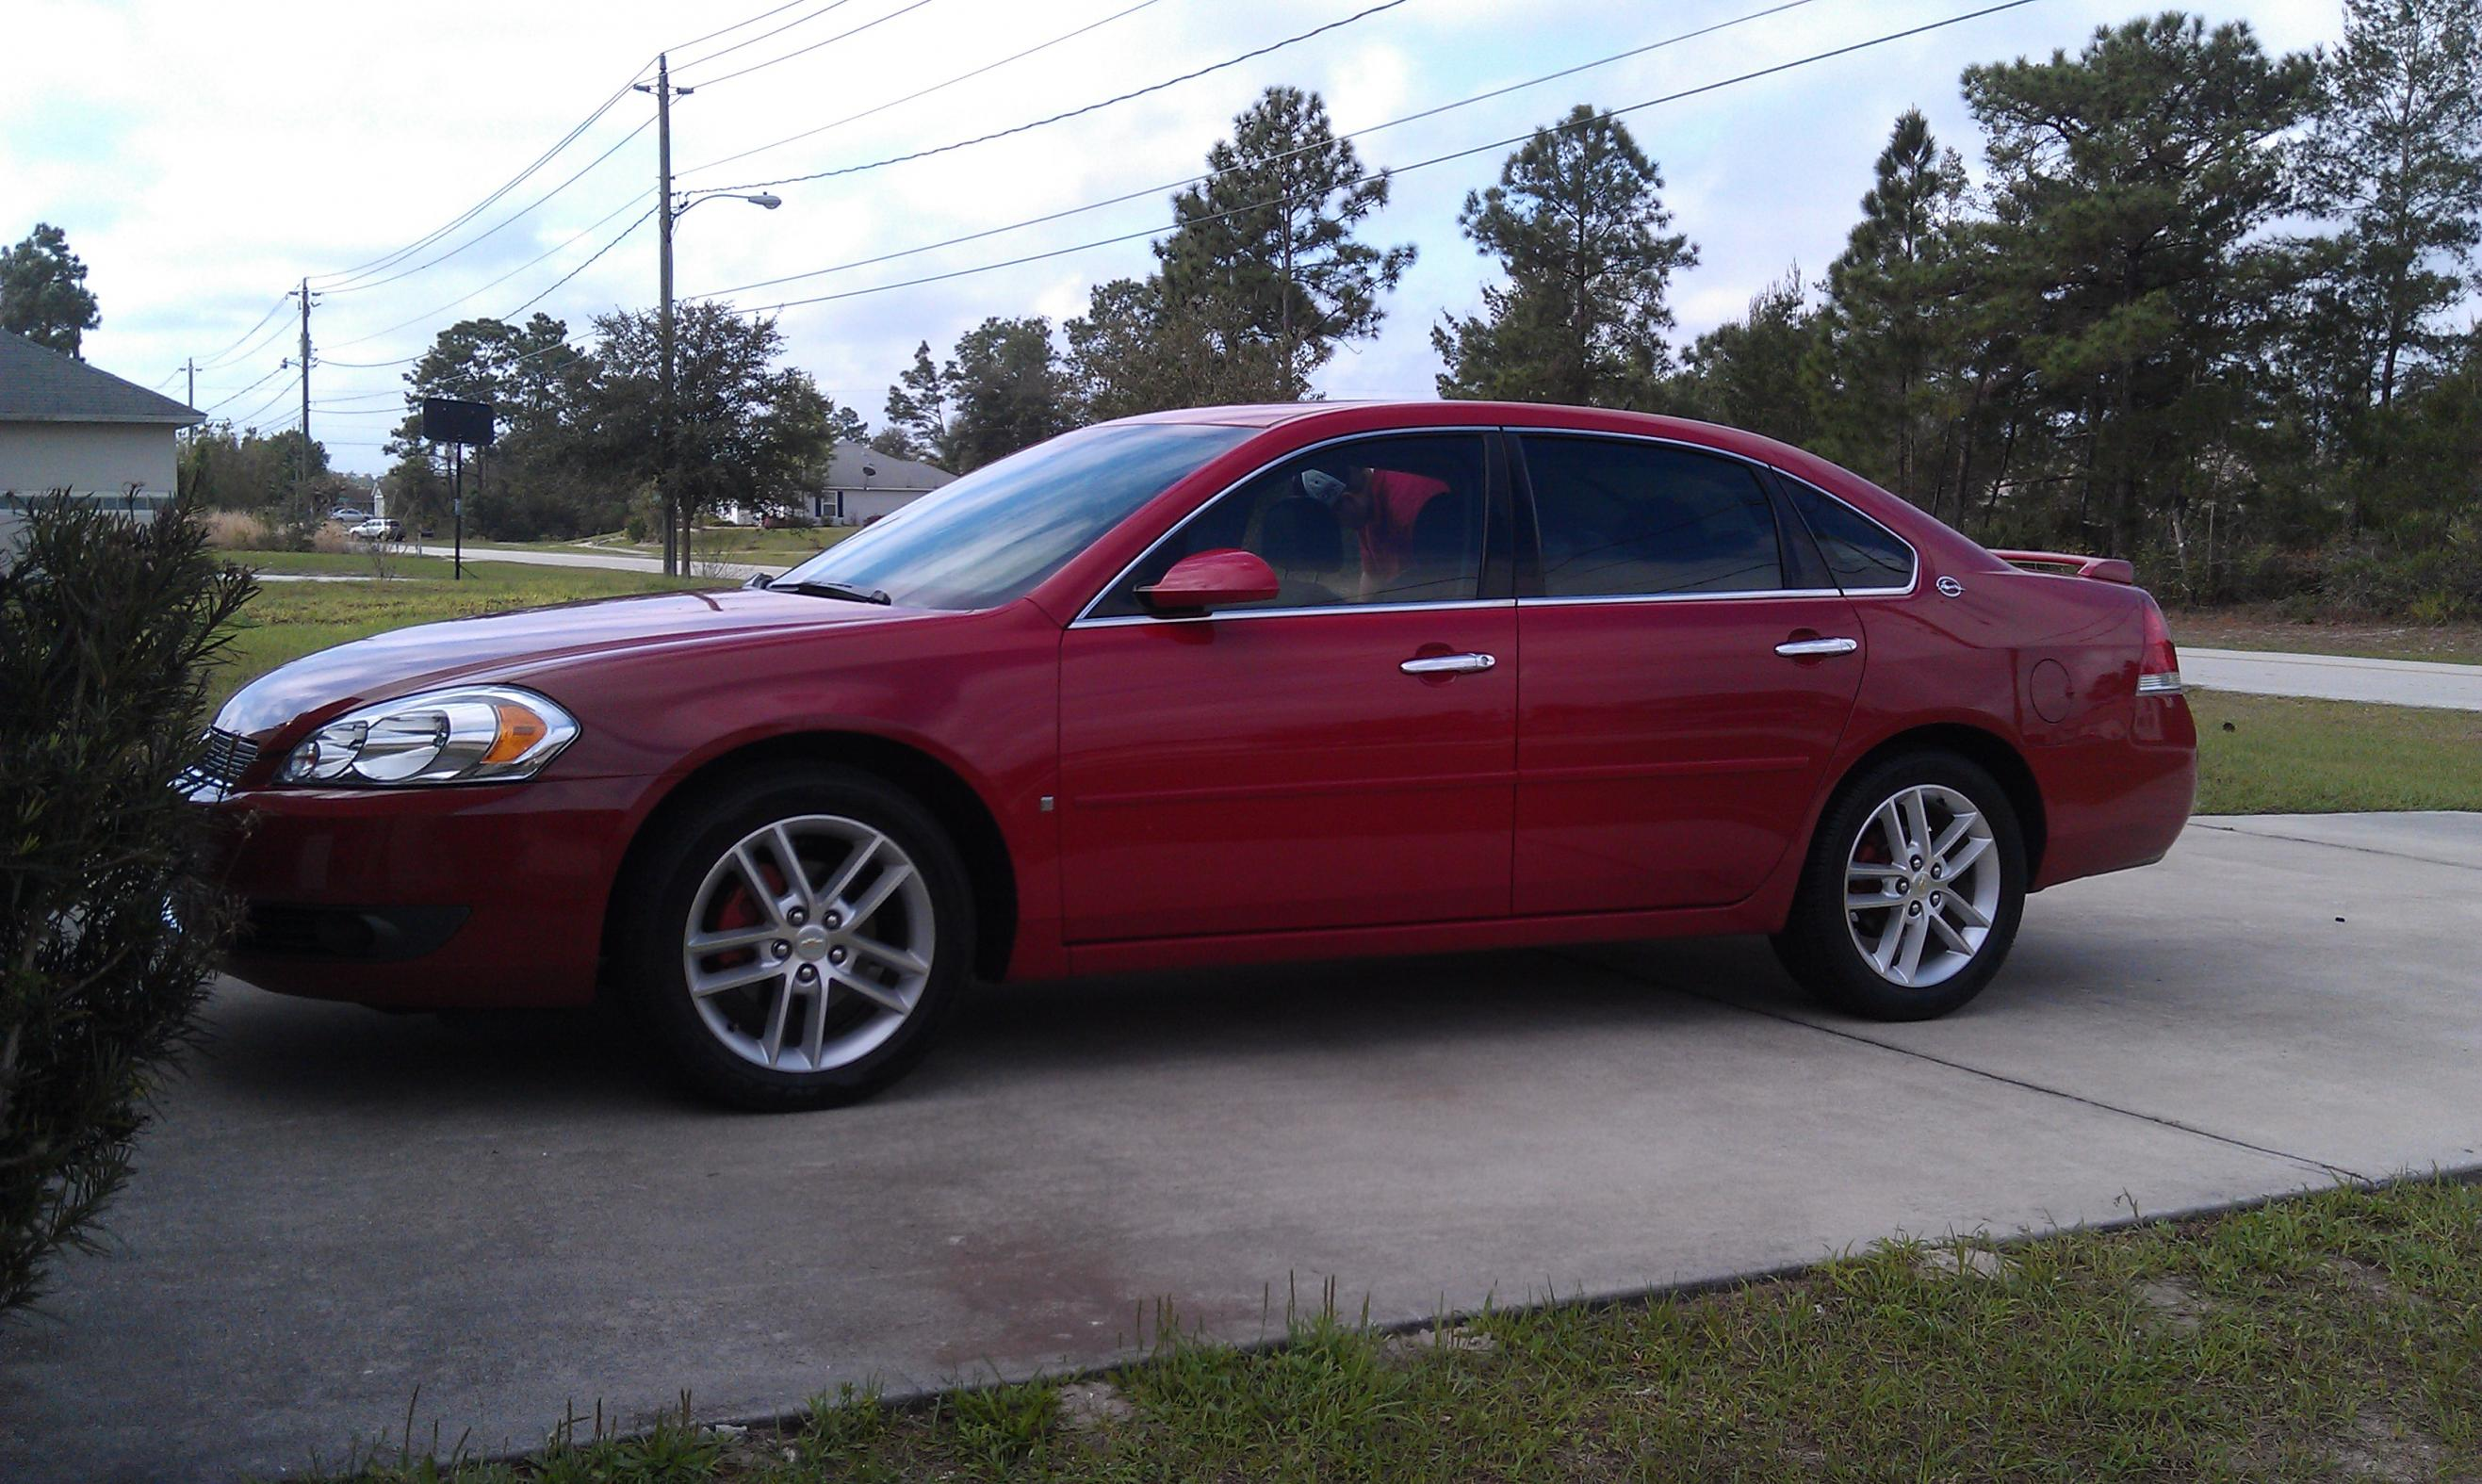 5907d1331732986 2008 impala ltz 3 9l imag0279 2008 impala ltz 3 9l chevy impala forums  at crackthecode.co